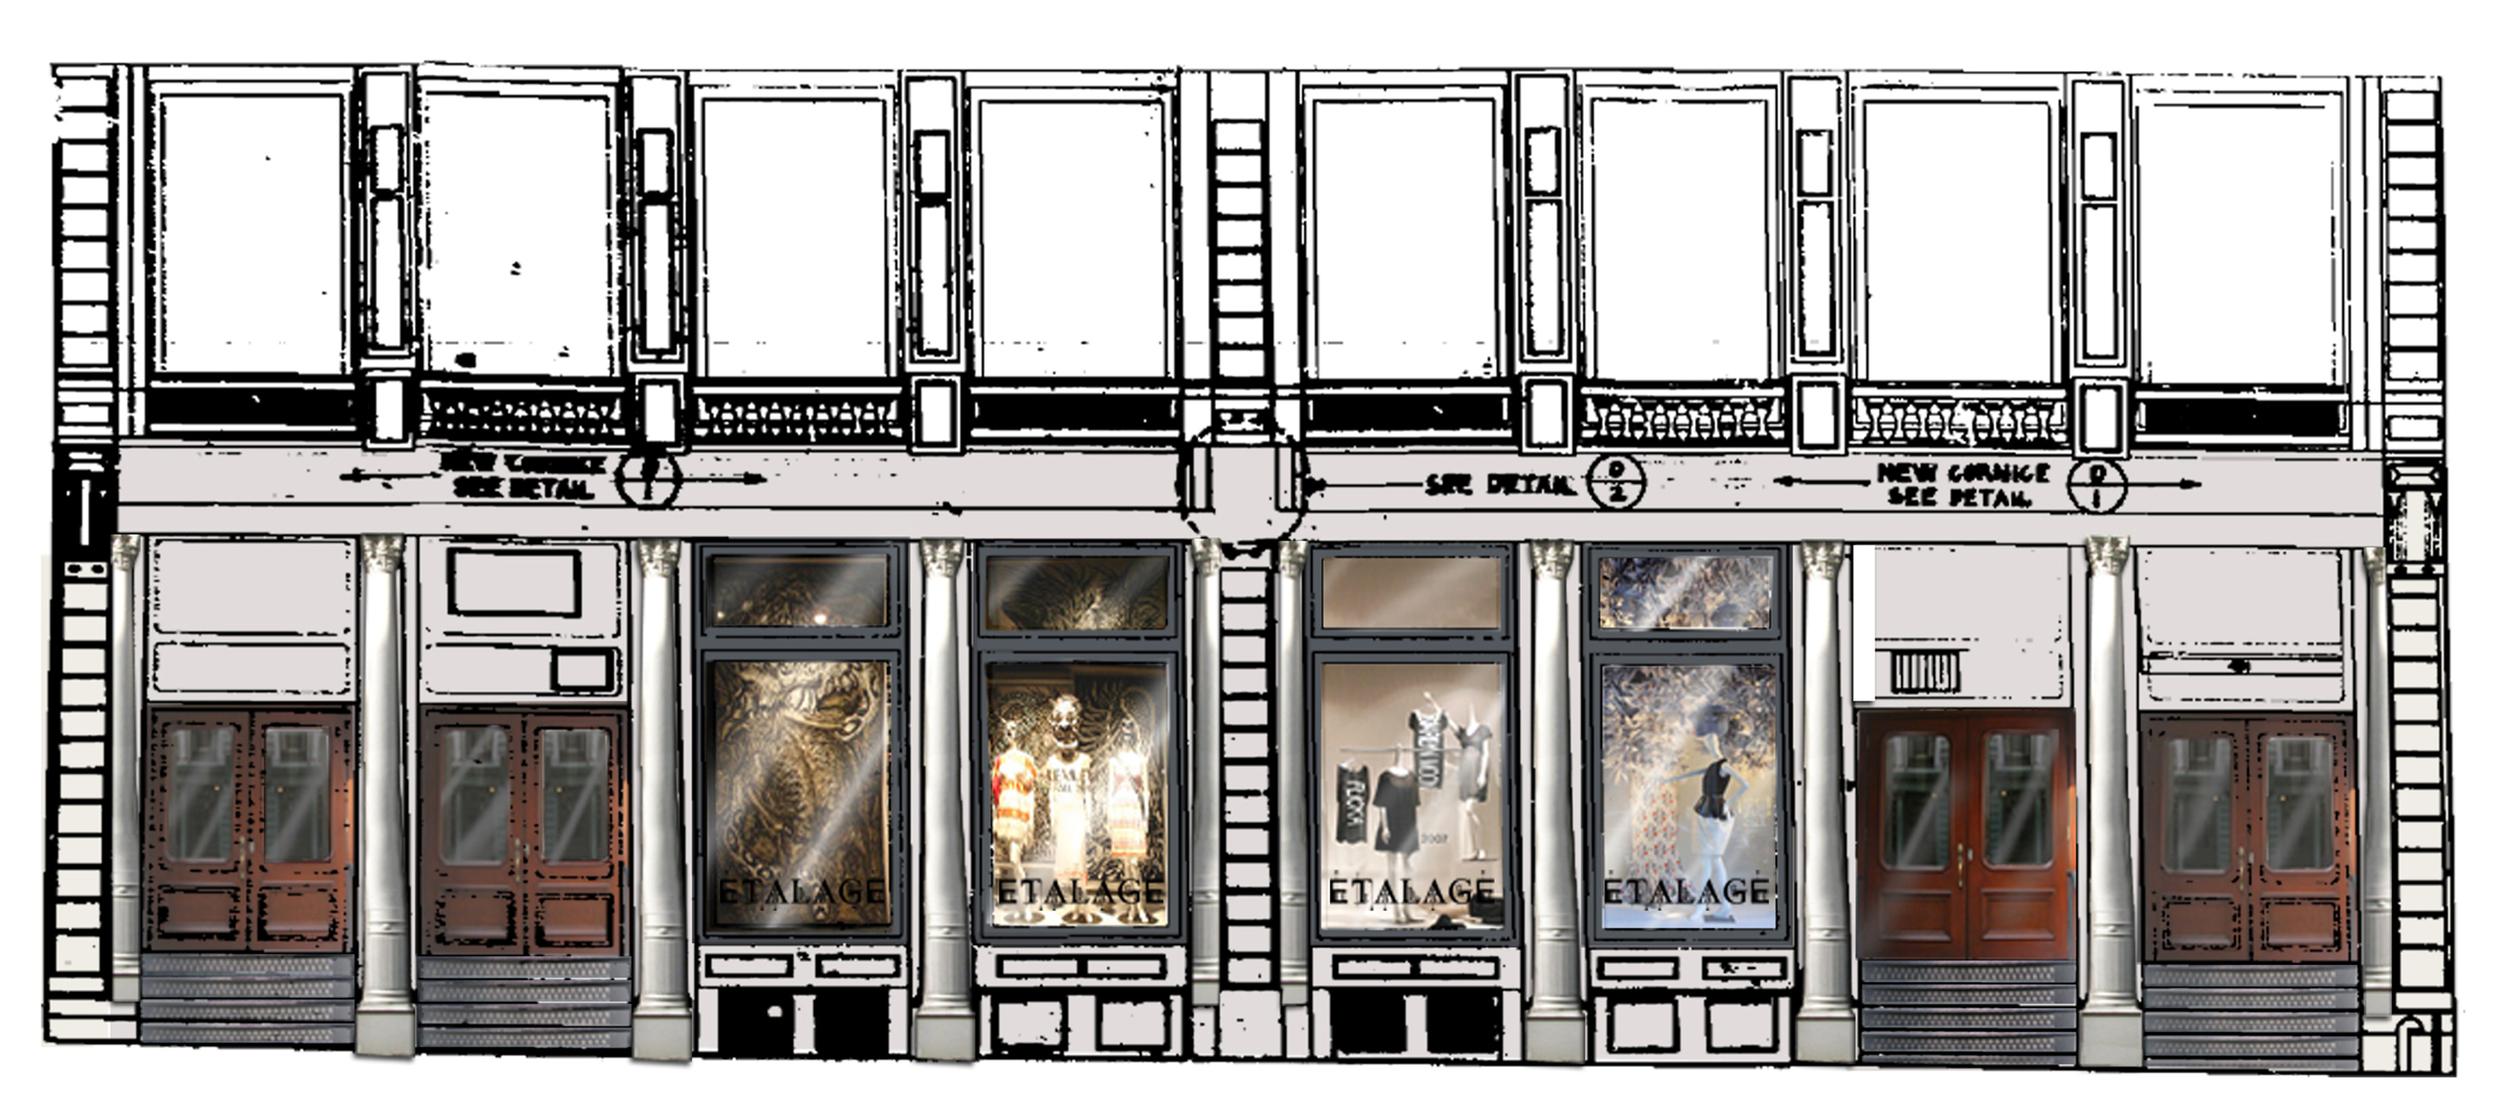 Storefront Elevation